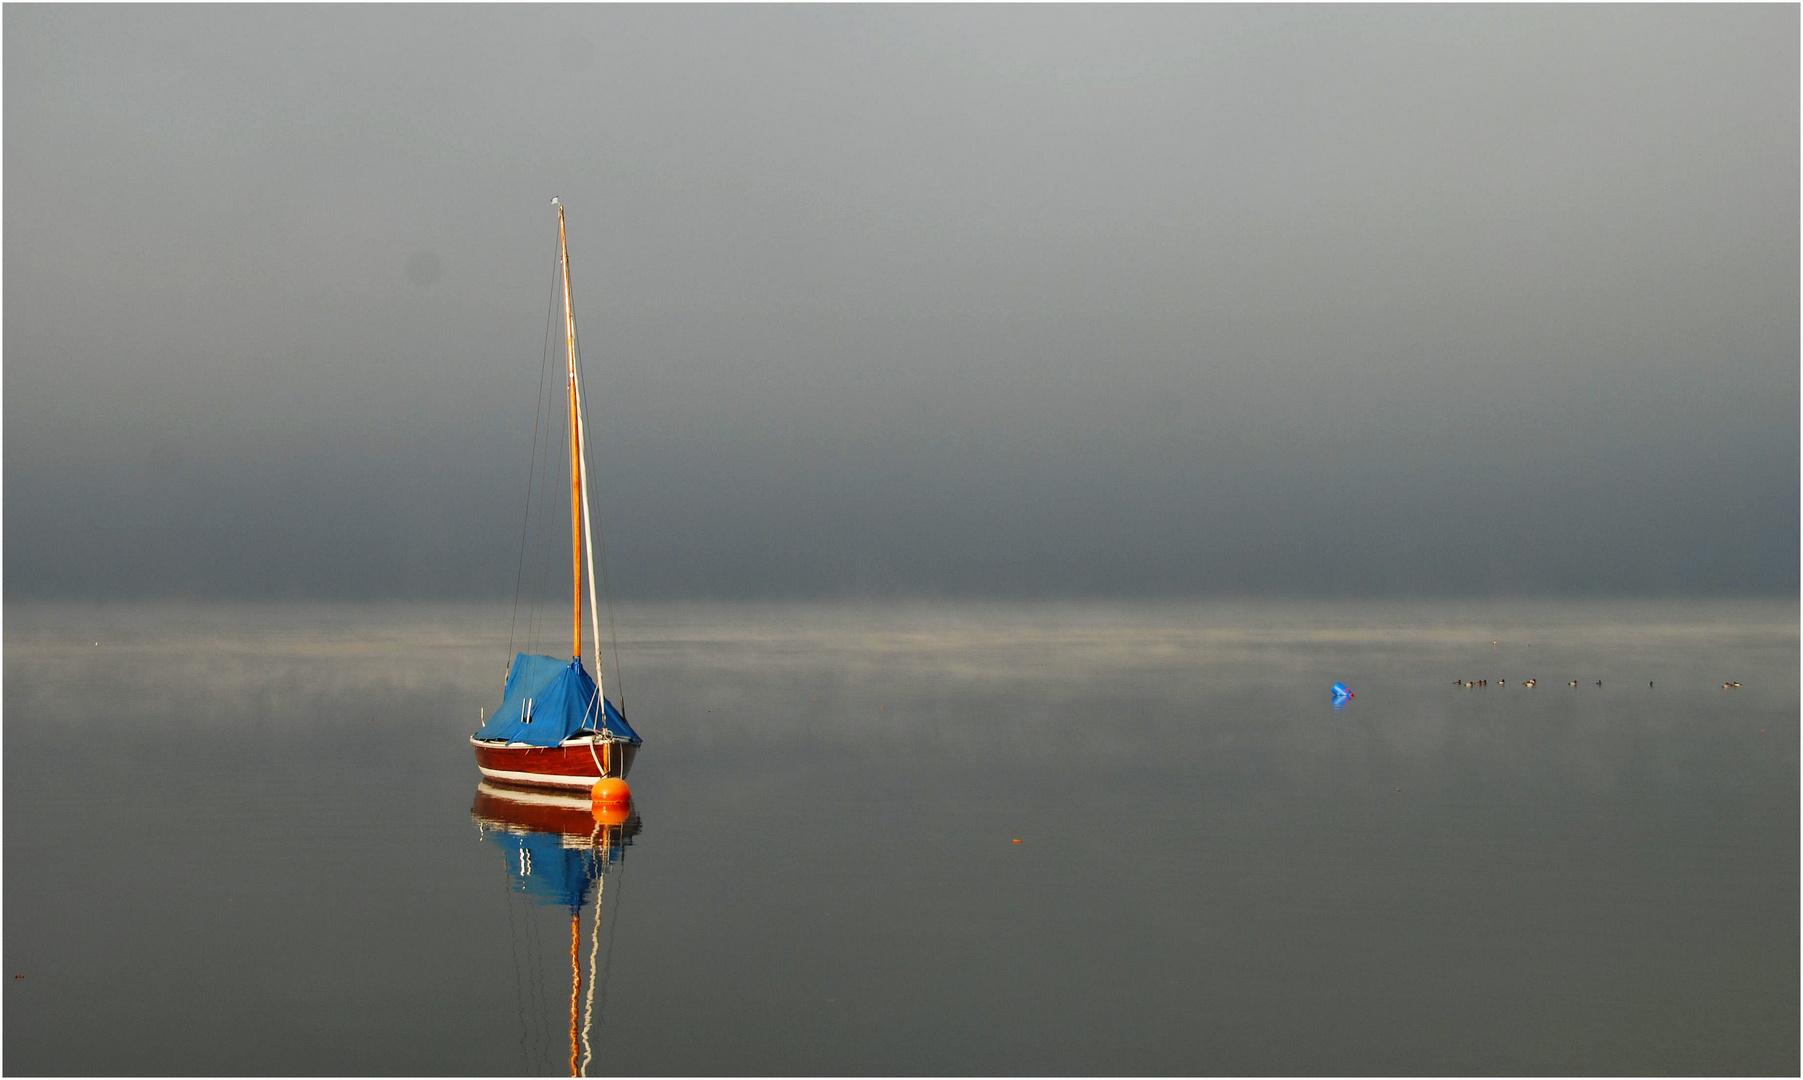 *Novembernebel, stiller Nebel